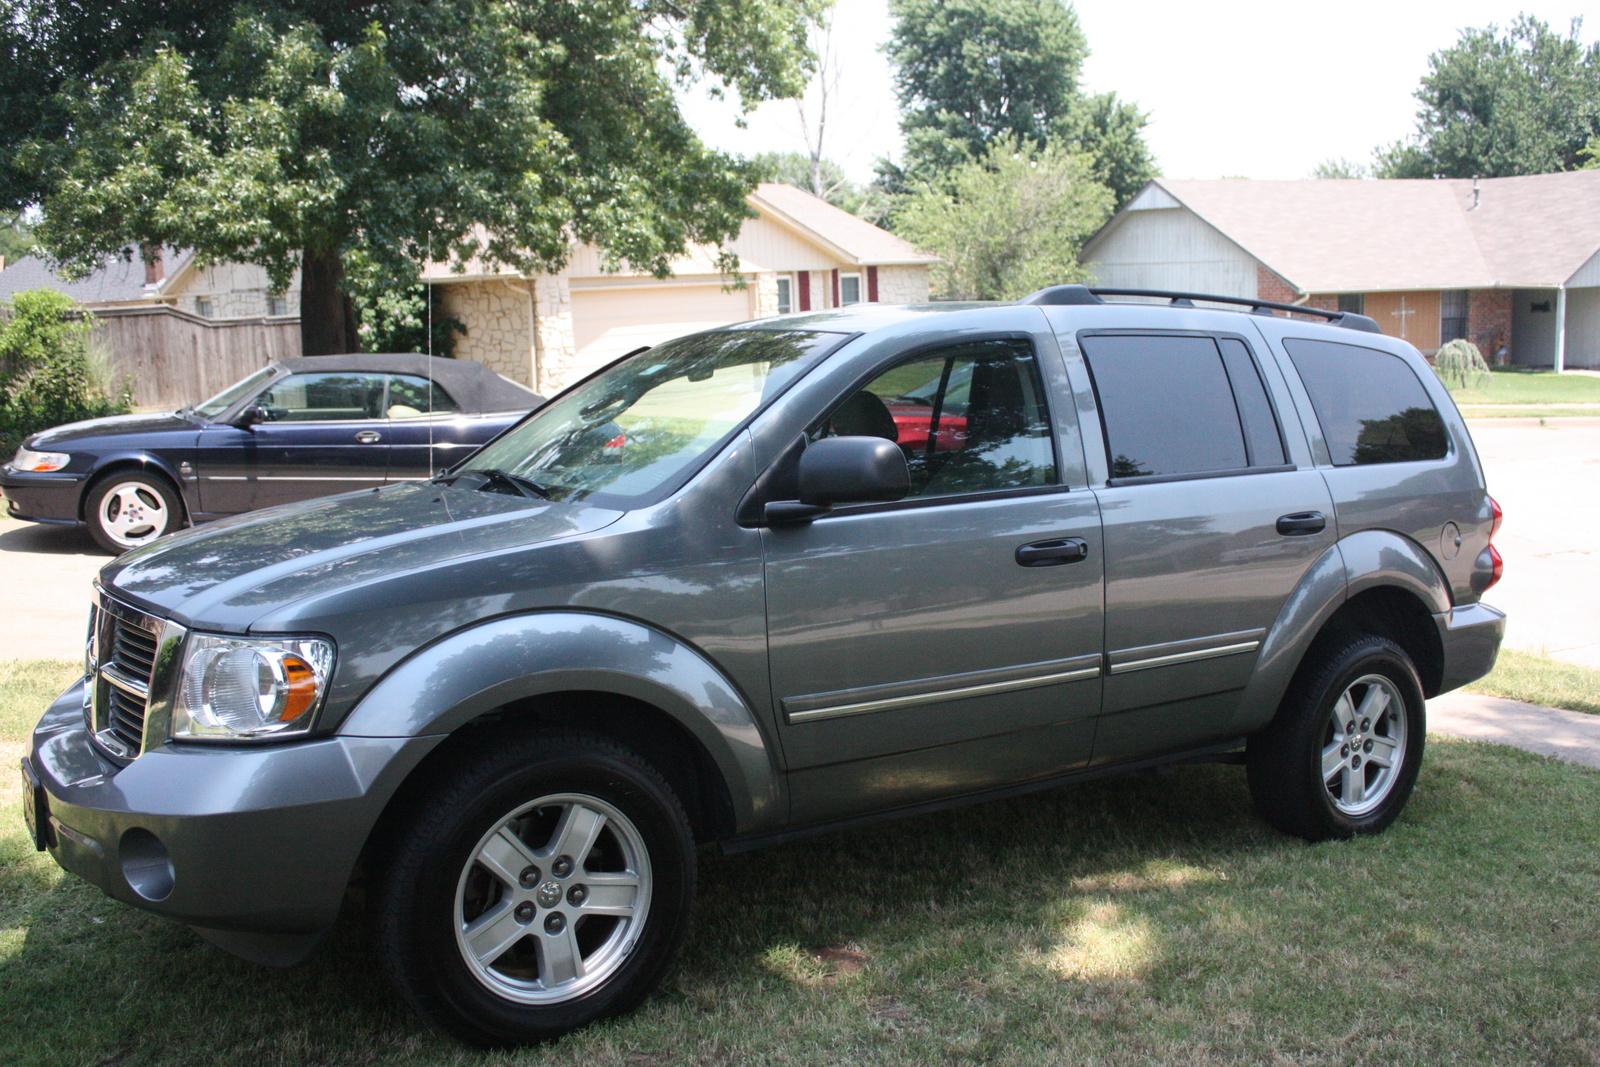 2009 Dodge Durango Pictures Cargurus